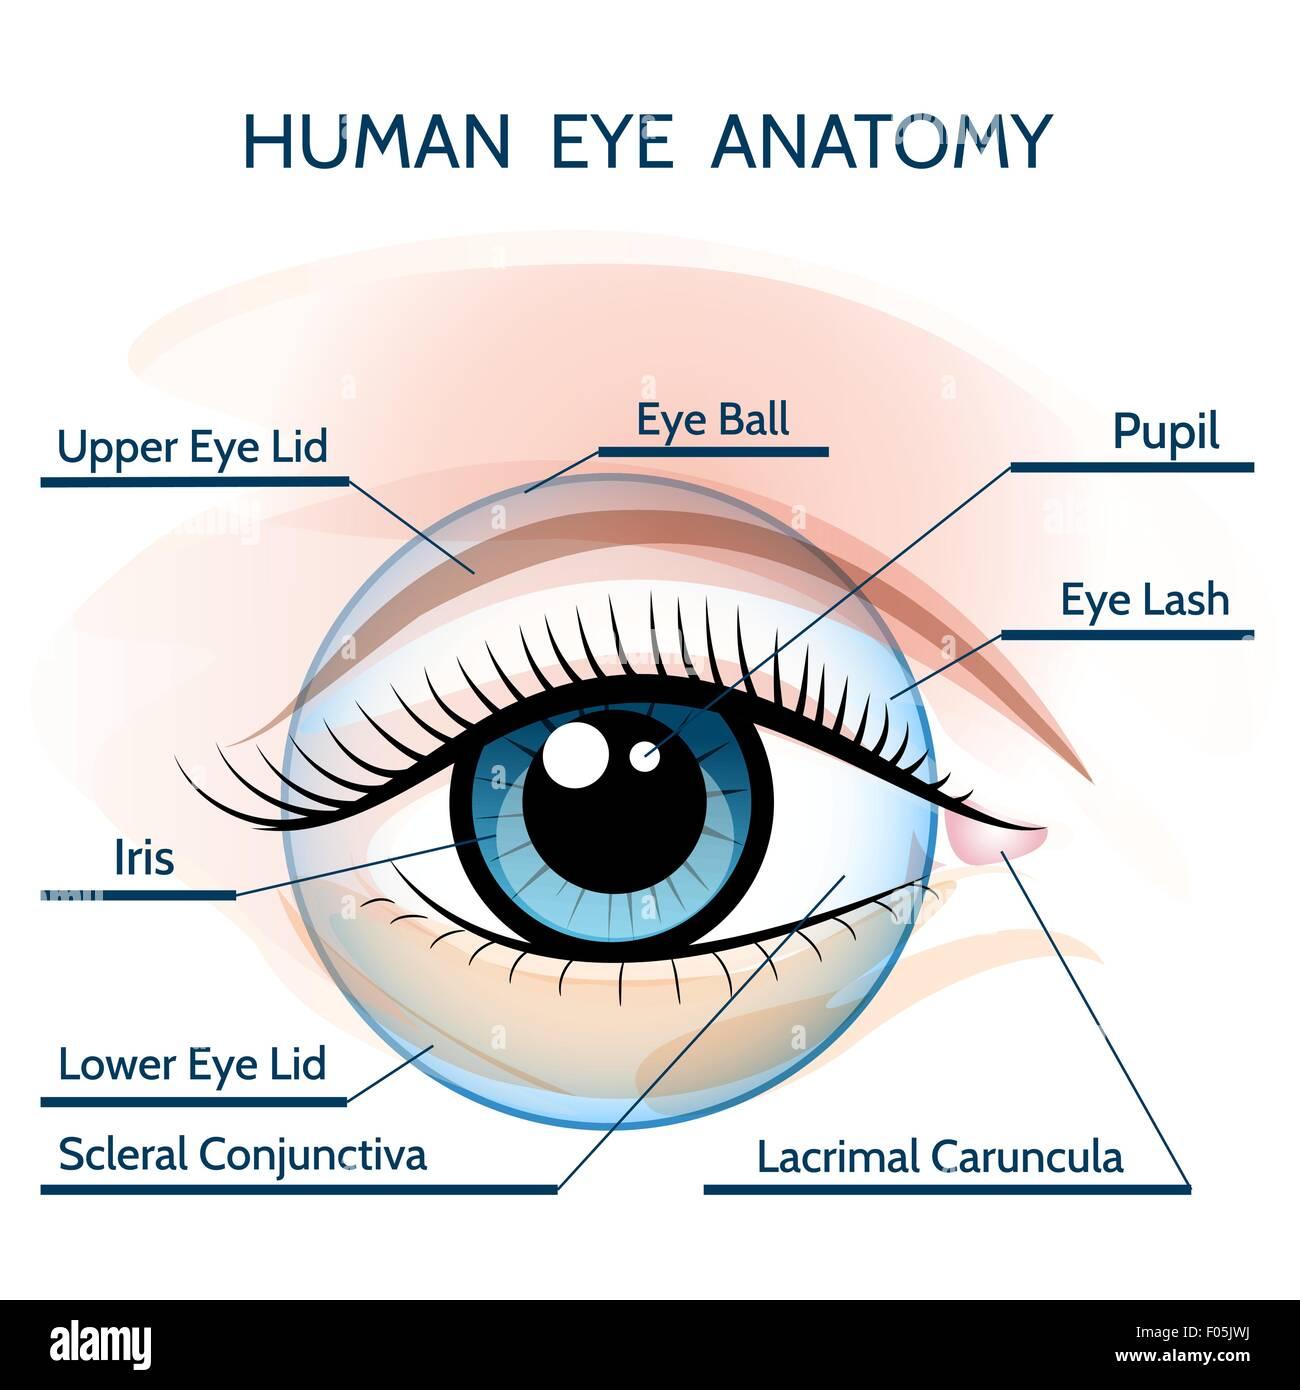 Eye Draw Imágenes De Stock & Eye Draw Fotos De Stock - Alamy